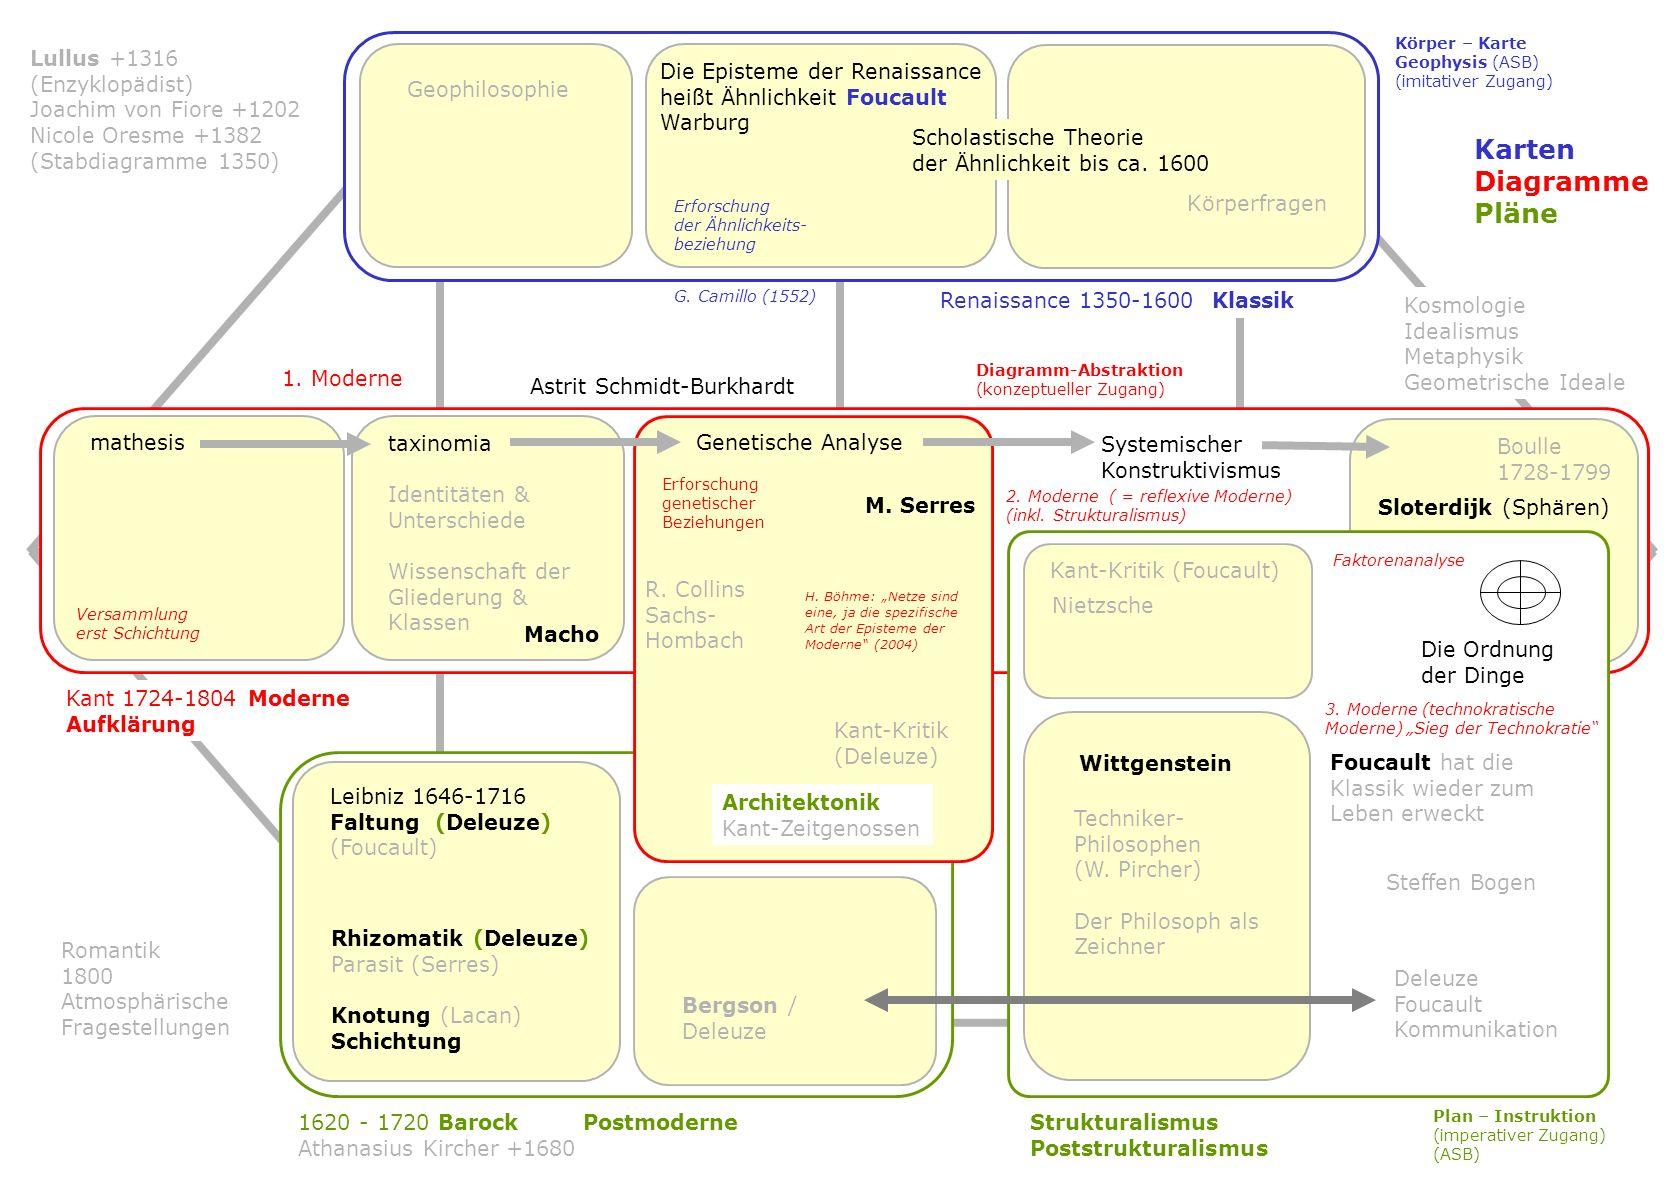 B S F Z Karten Diagramme Pläne Lullus +1316 (Enzyklopädist)